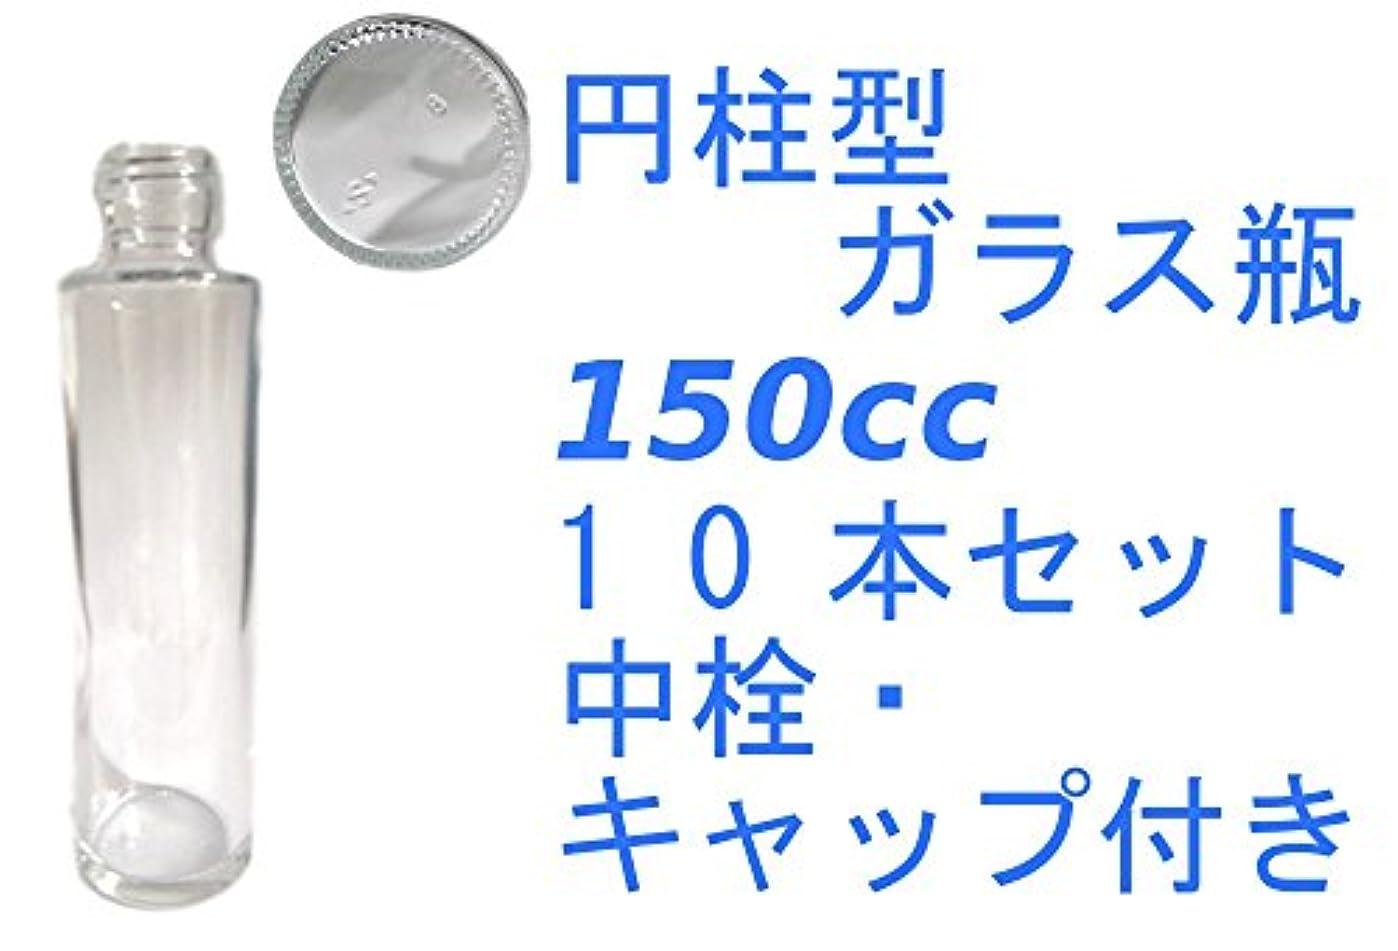 期待する爆弾シソーラス(ジャストユーズ)JustU's 日本製 ポリ栓 中栓付き円柱型ガラス瓶 10本セット 150cc 150ml アロマディフューザー ハーバリウム 調味料 オイル タレ ドレッシング瓶 B10-SSS150A-S